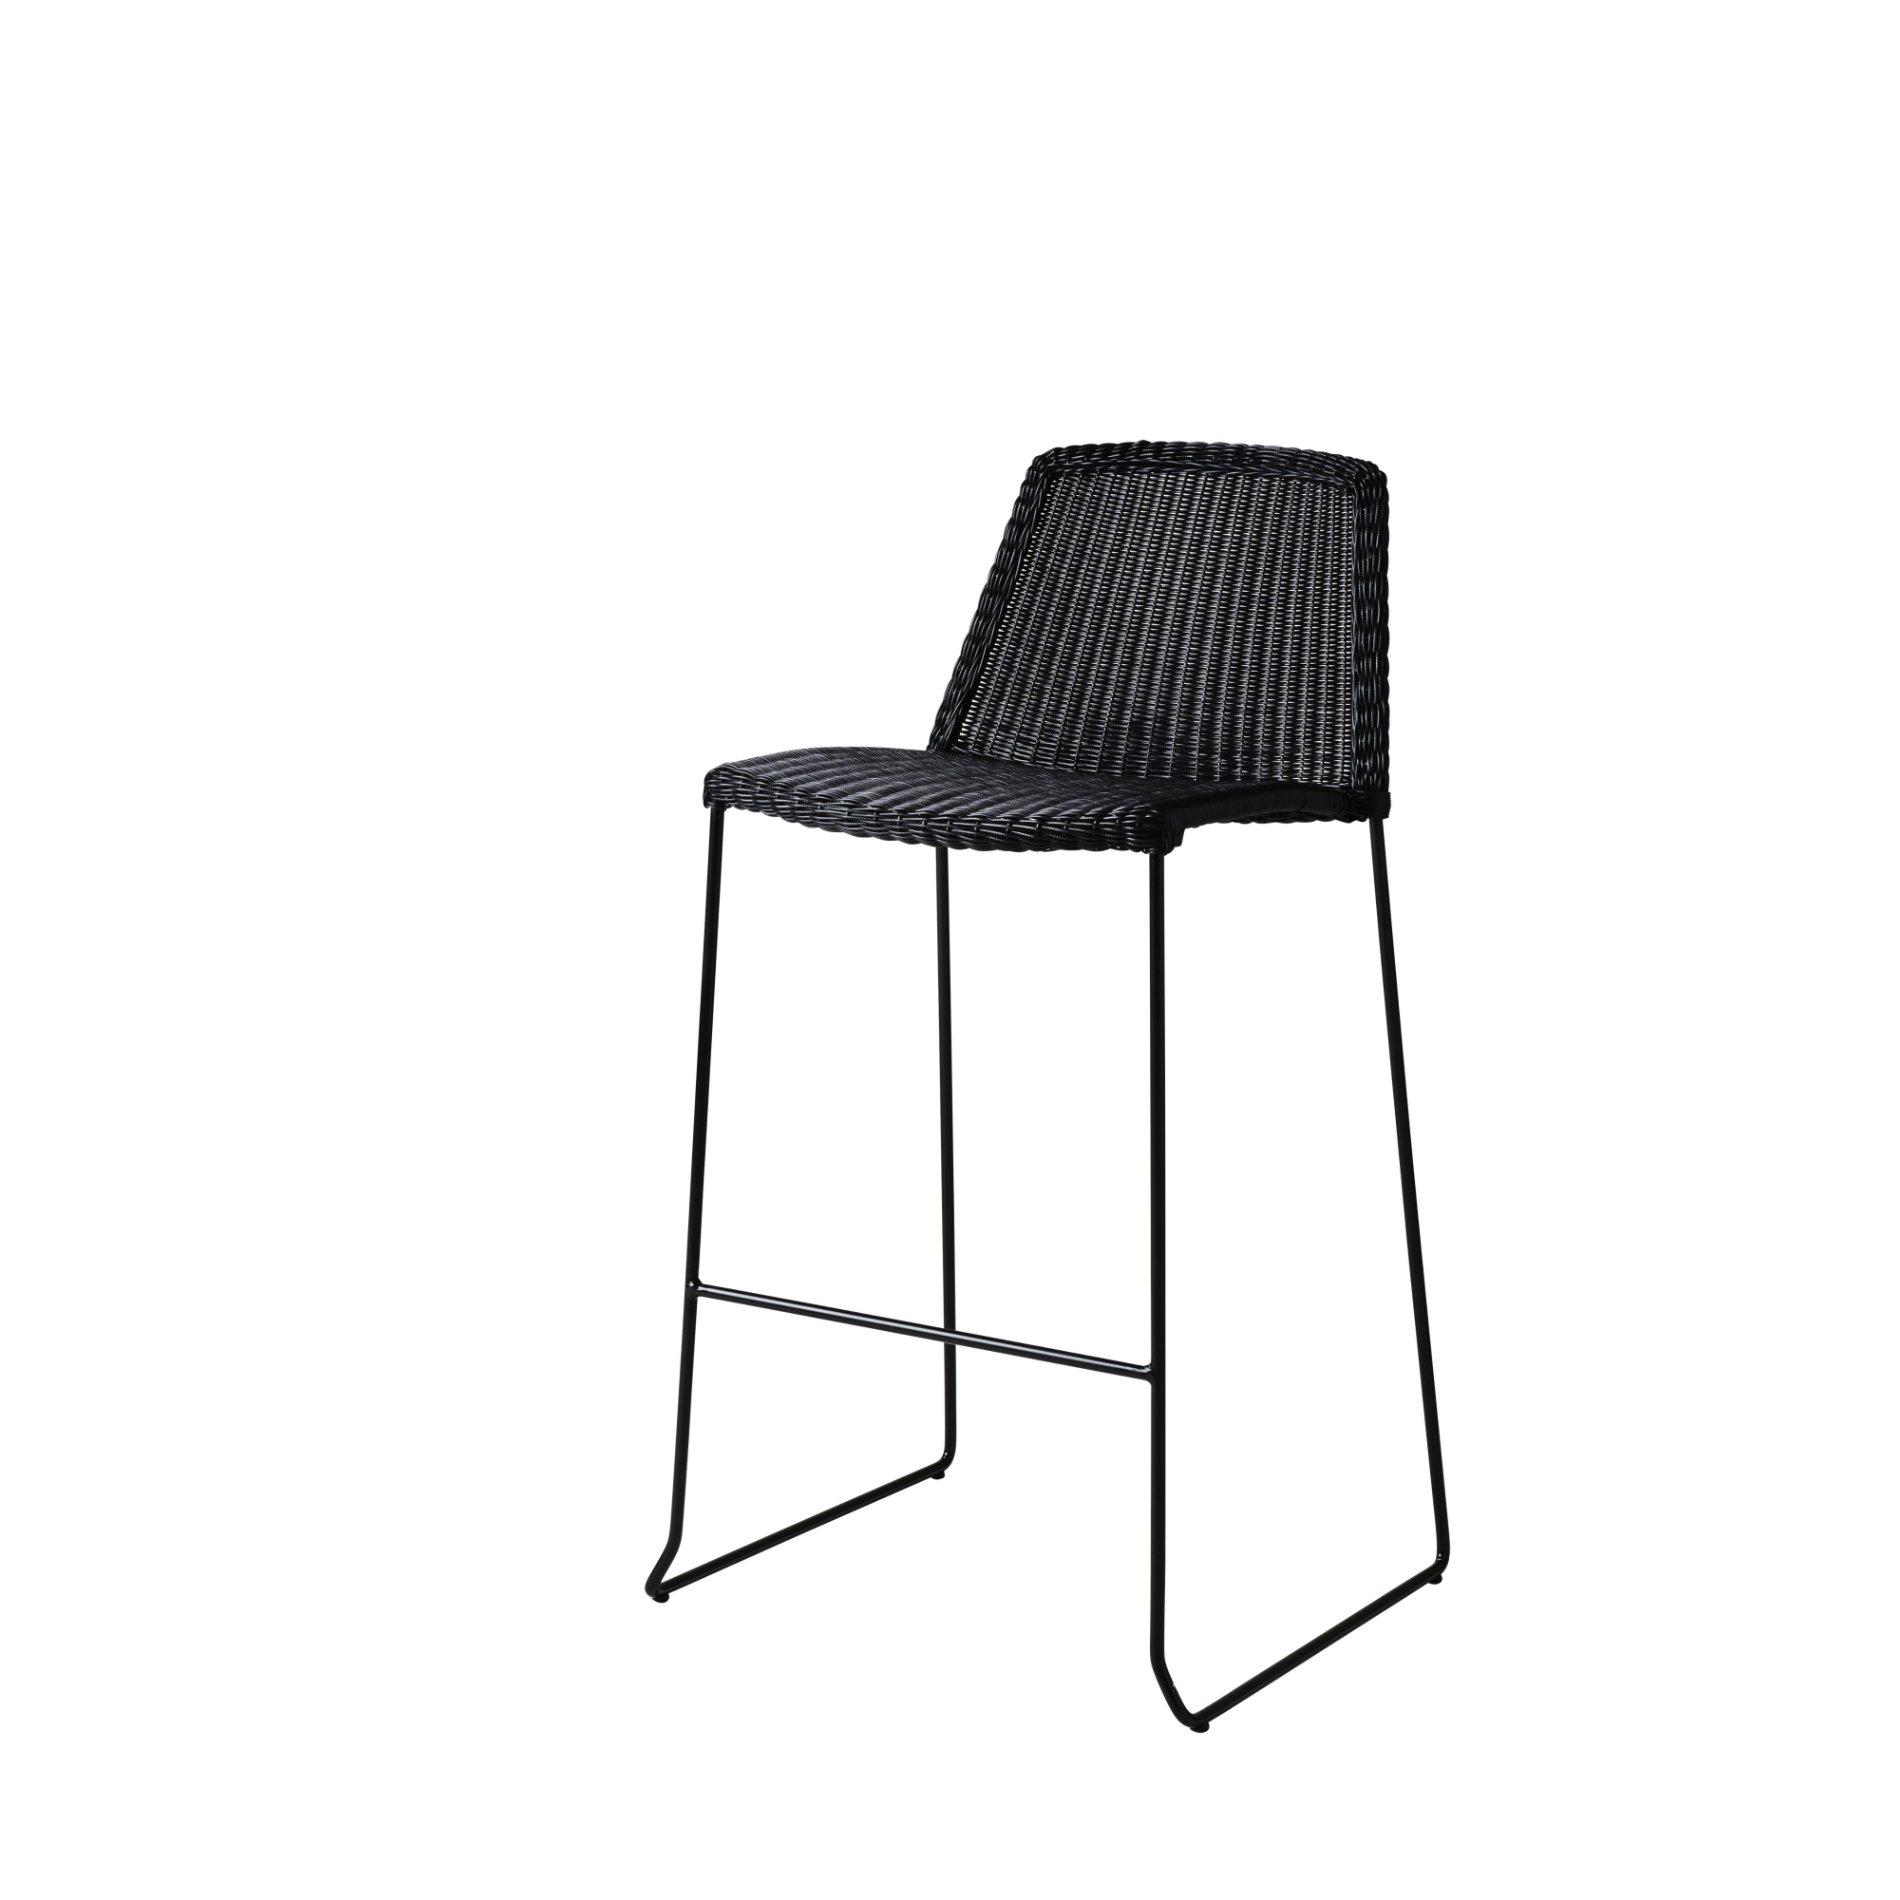 cane line breeze barhocker. Black Bedroom Furniture Sets. Home Design Ideas